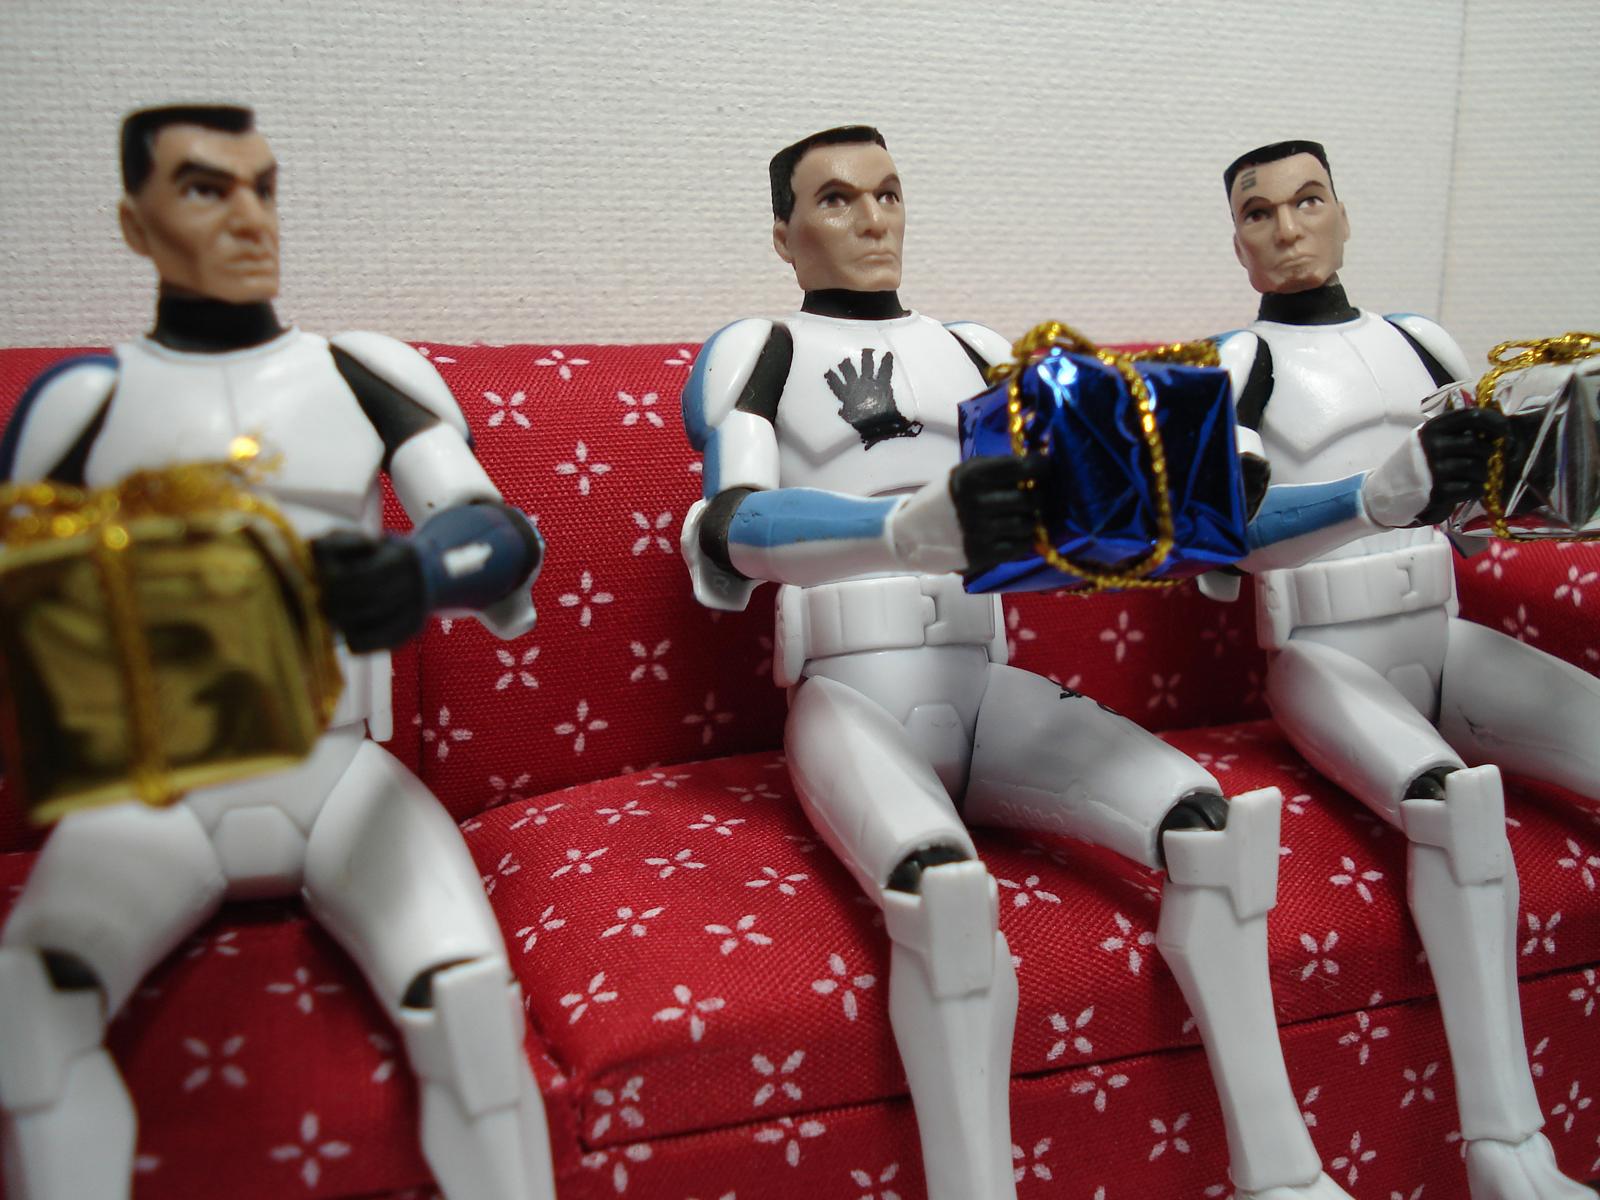 Christmas Clones